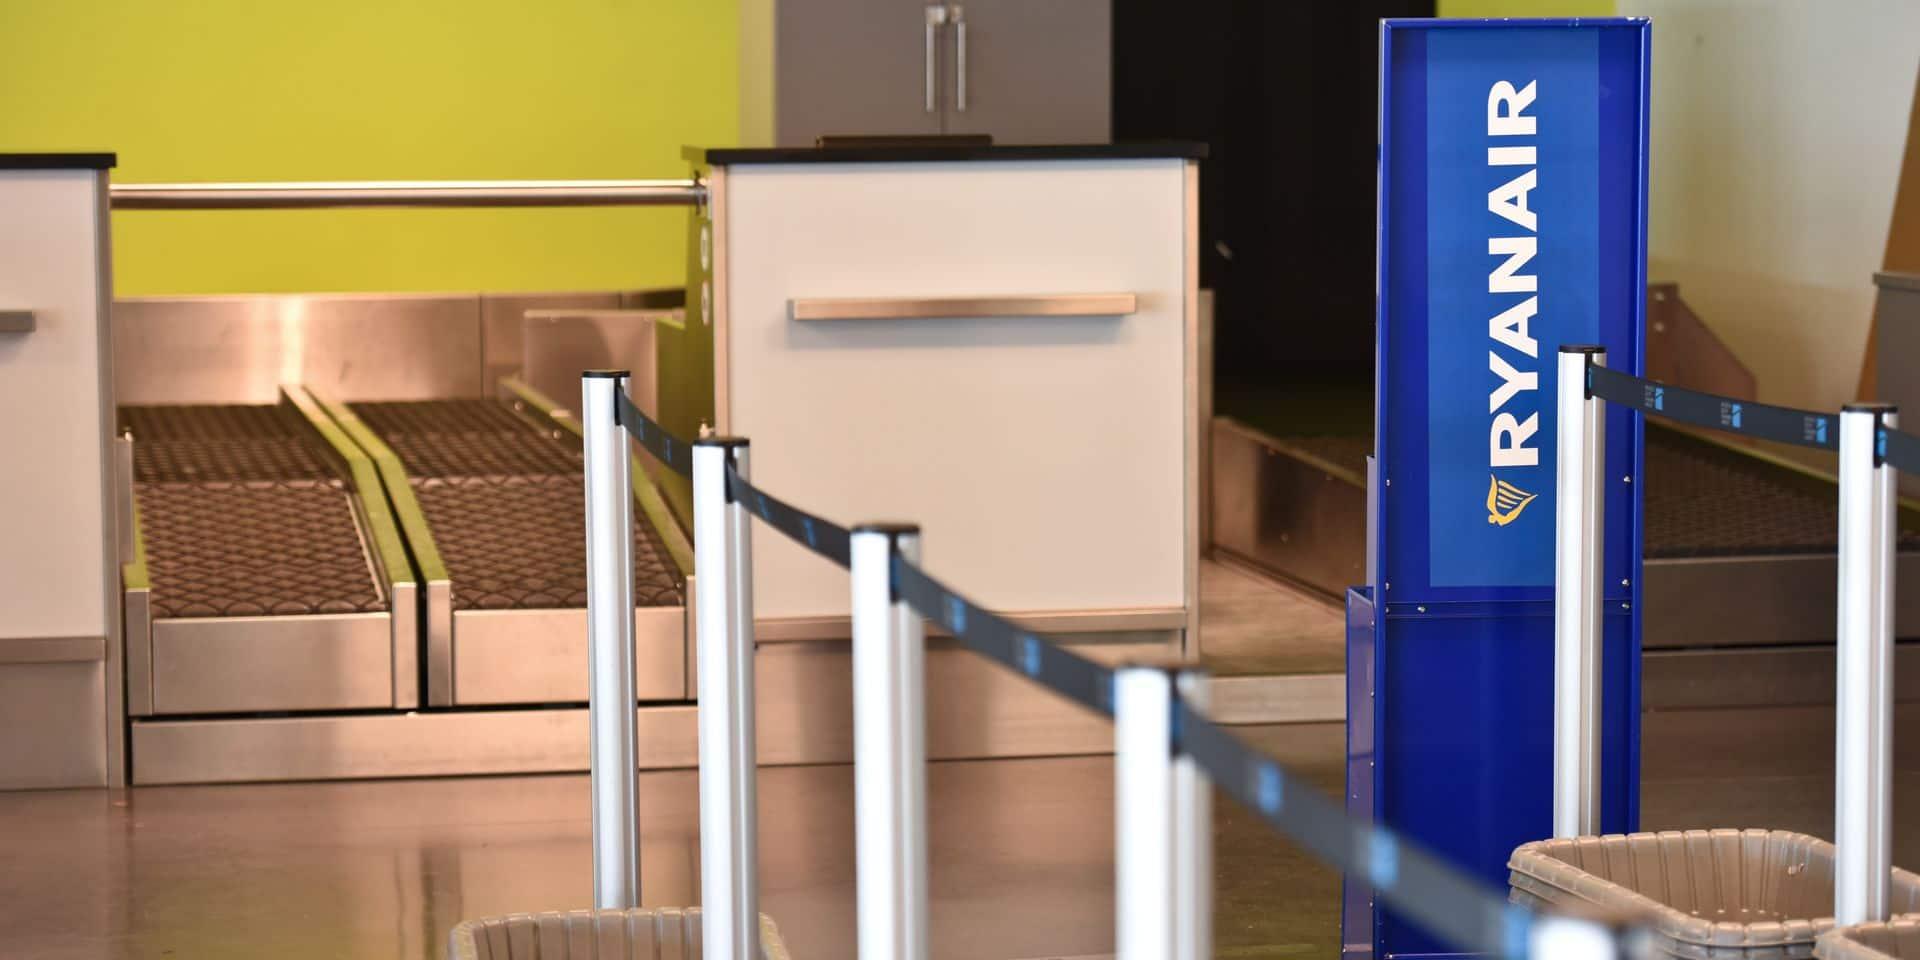 Grève nationale: l'aéroport de Charleroi sera fermé ce mercredi 13 février